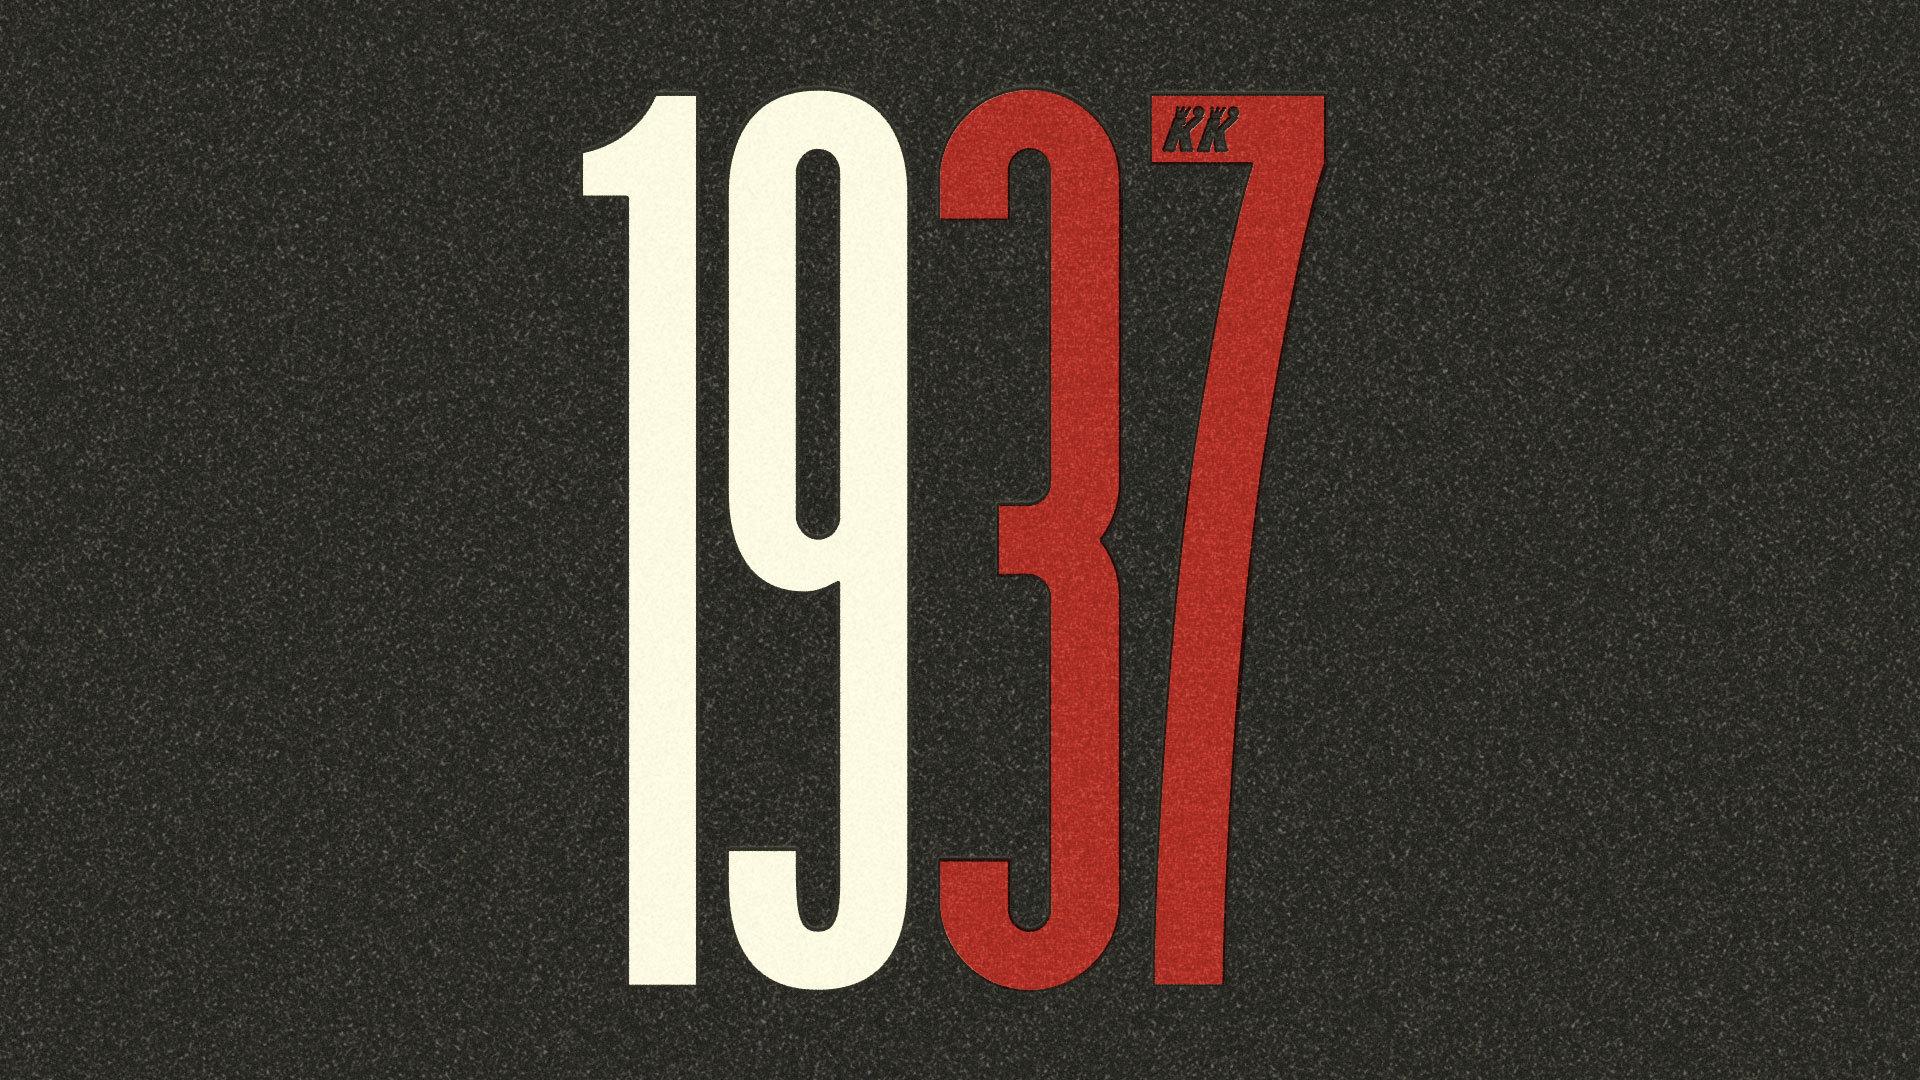 Krispykreme 1937